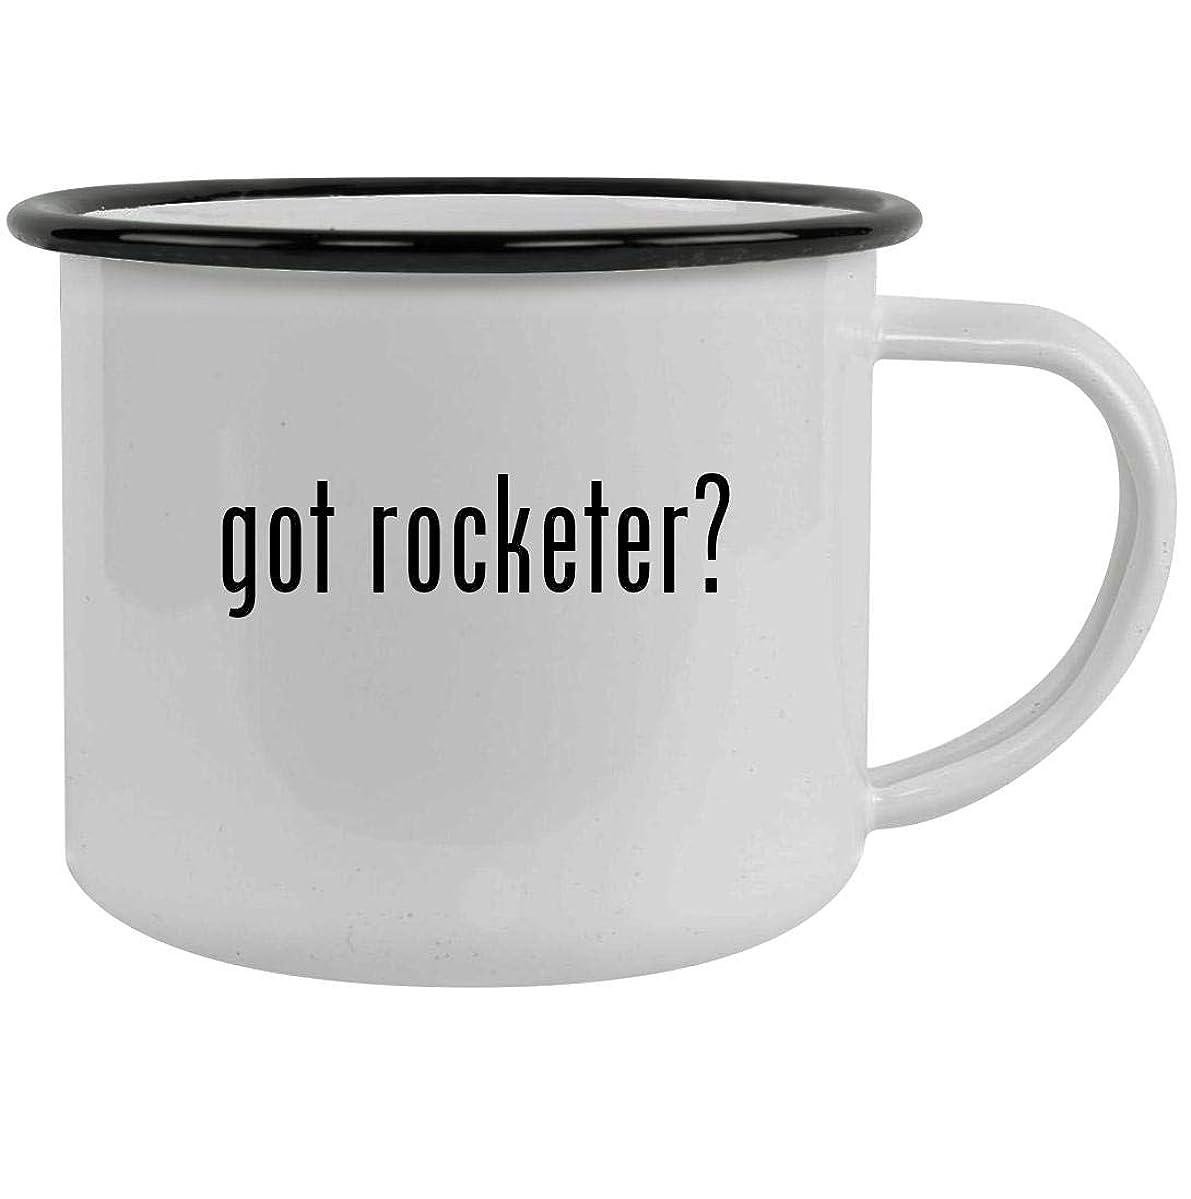 got rocketer? - 12oz Stainless Steel Camping Mug, Black